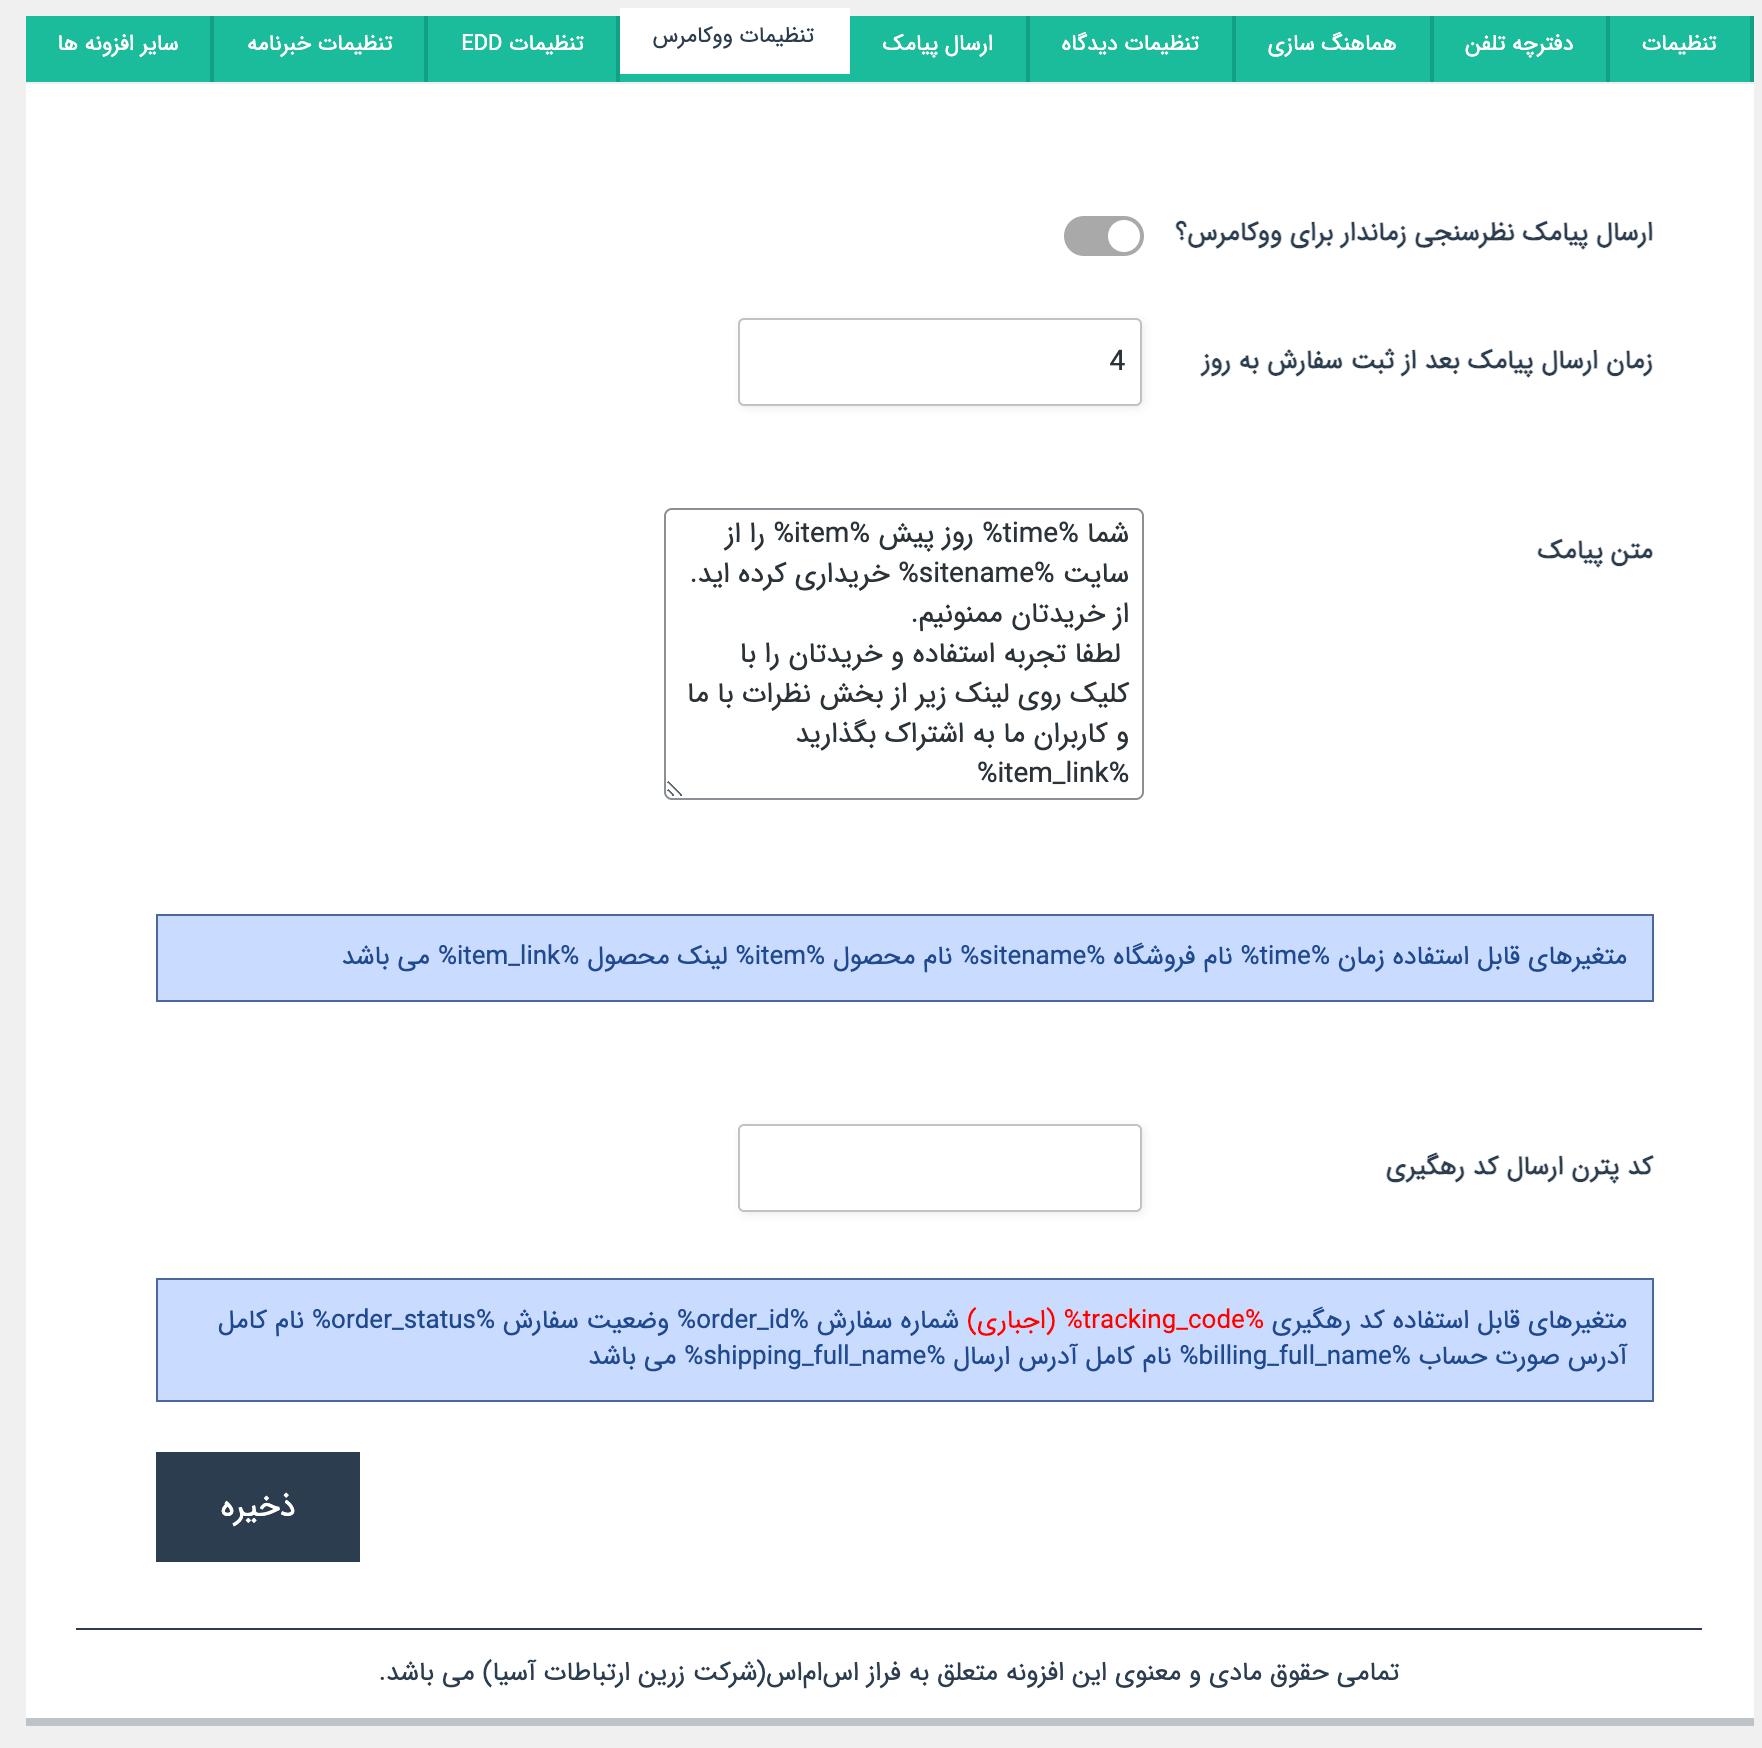 ارسال پیامک نظرسنجی بعد از خرید محصولات ووکامرس